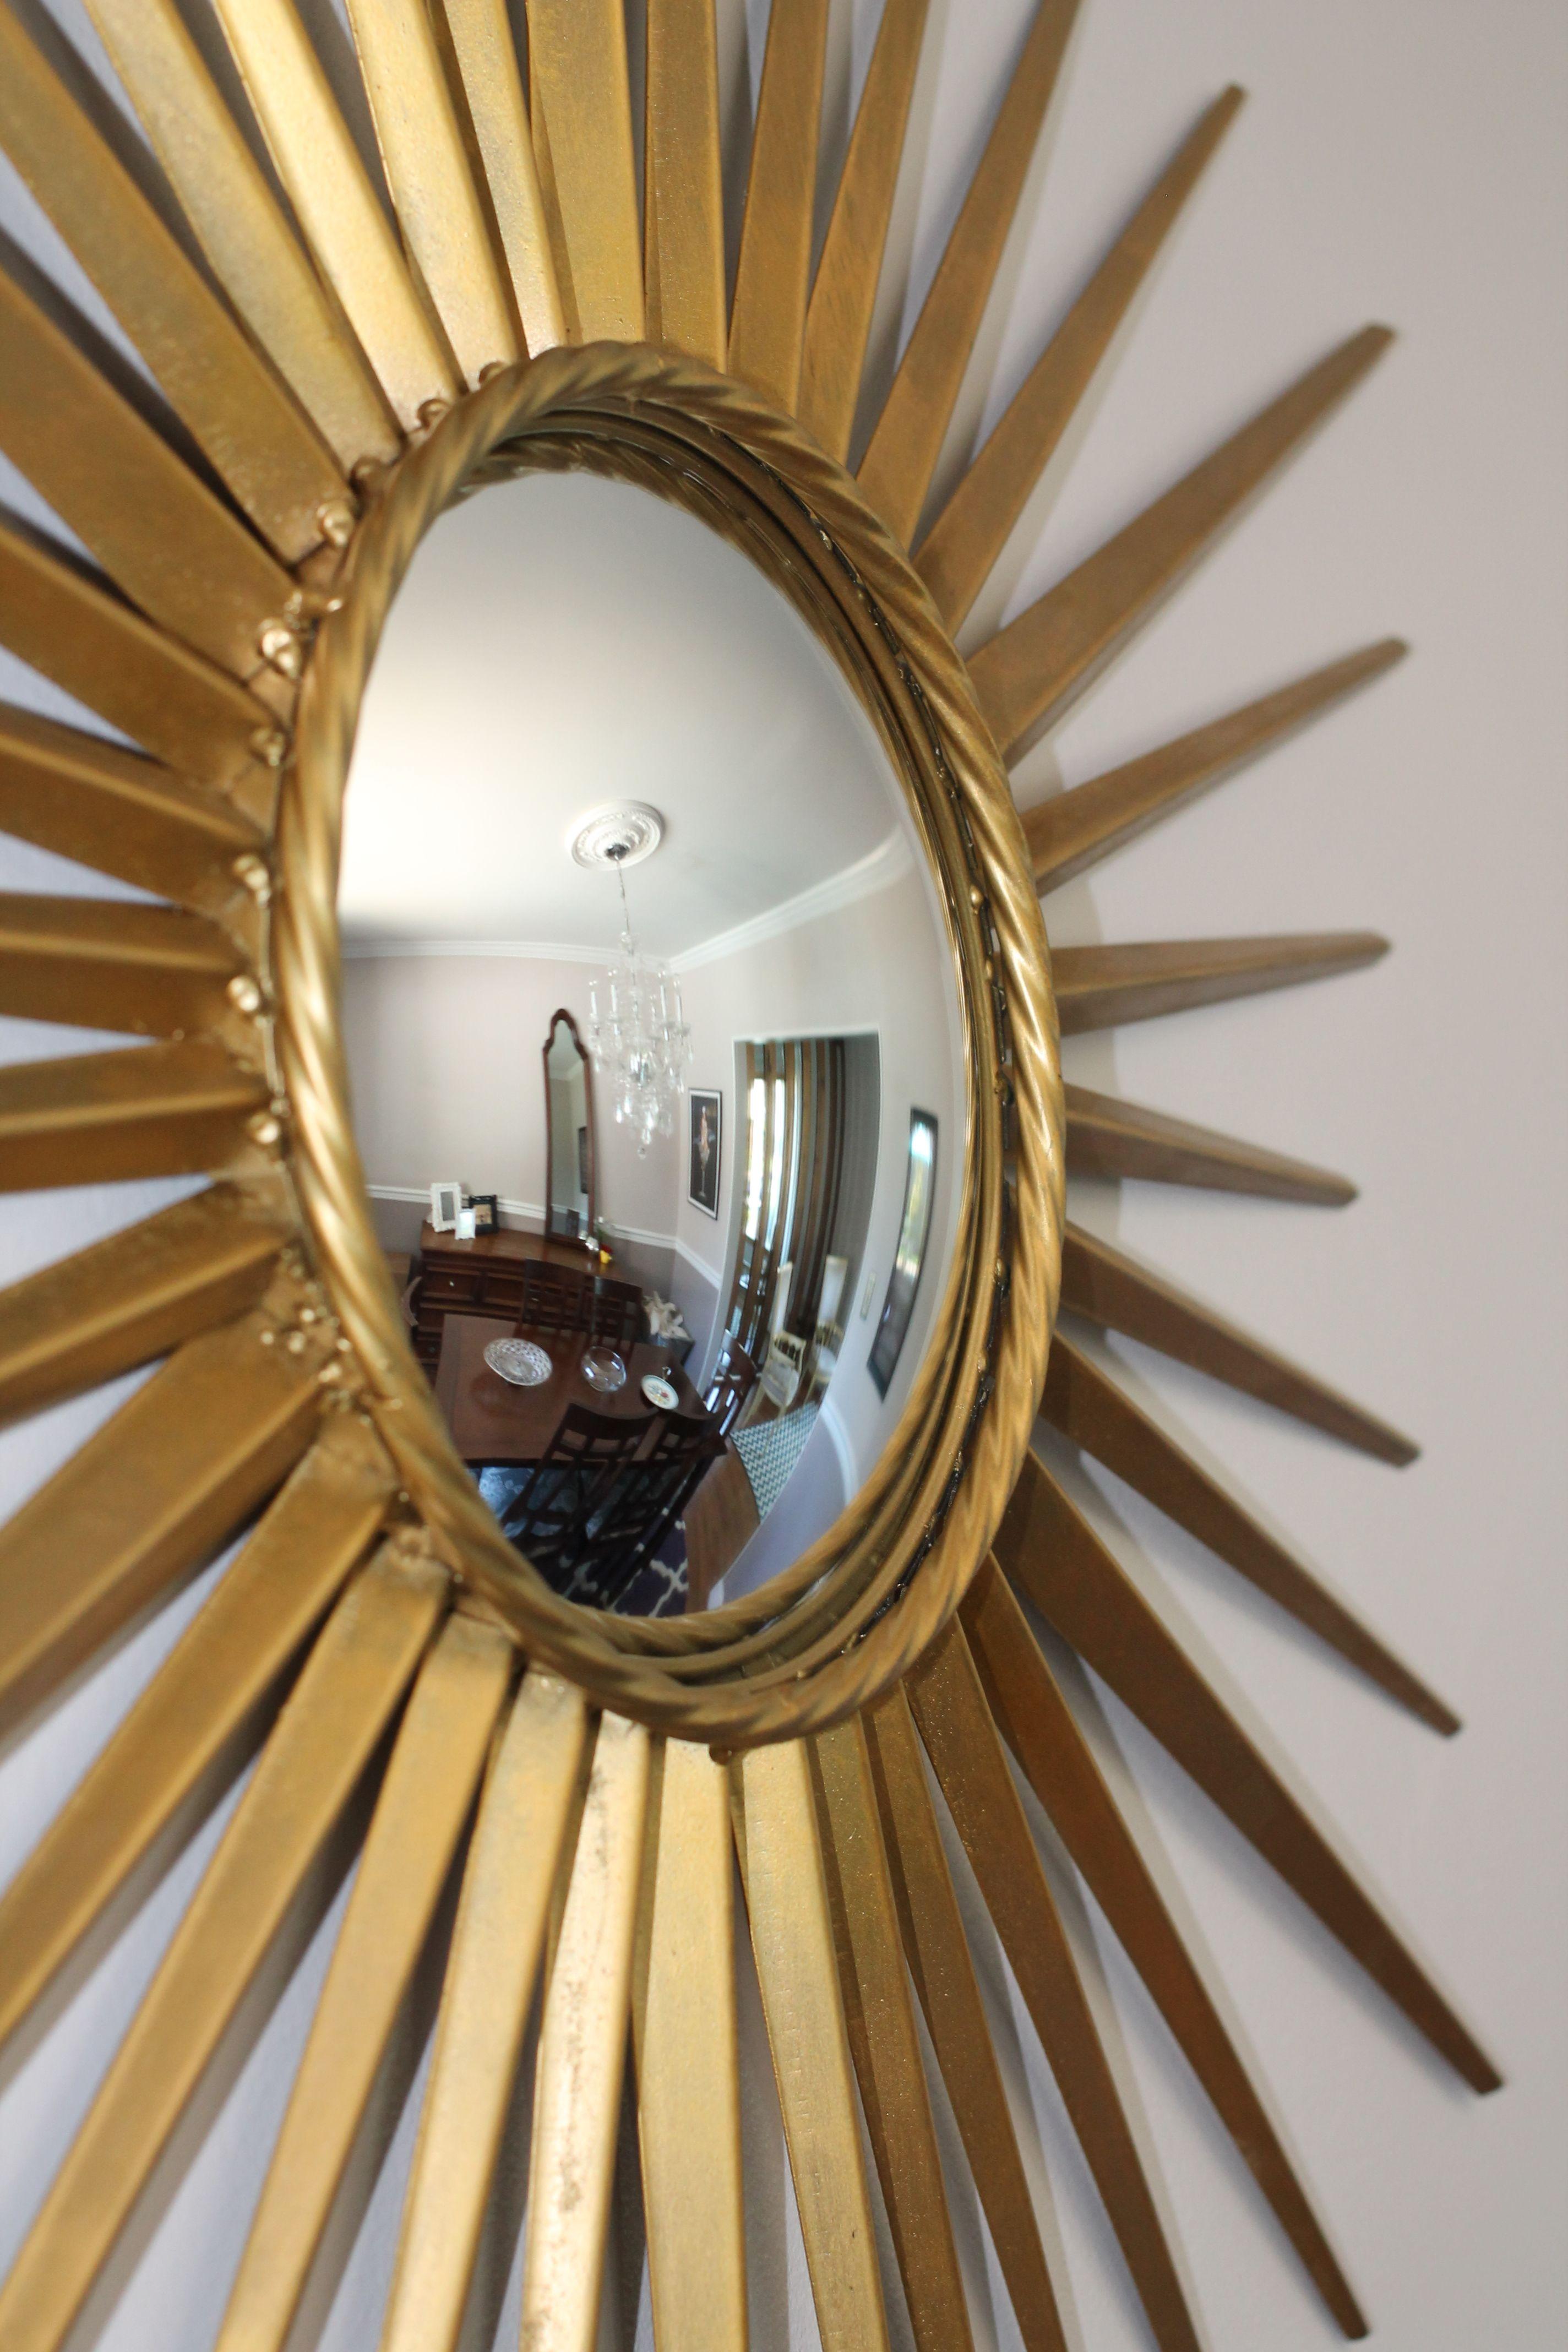 Martha Stewart Home Depot Sunburst Mirror In Our Dining Room Martha Stewart Home Mirror Sunburst Mirror